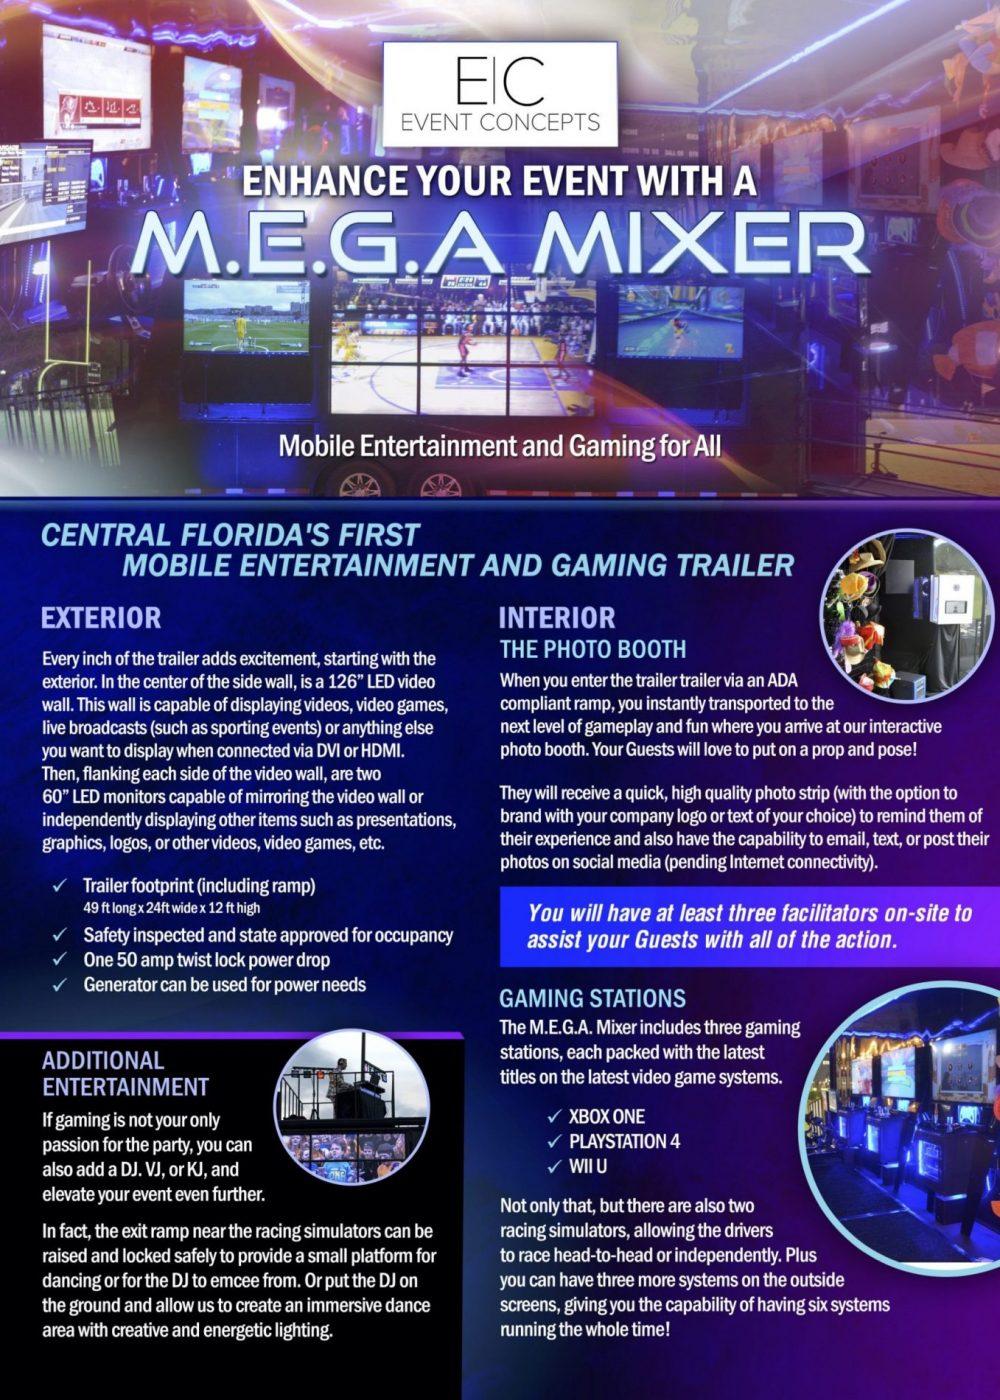 Mega mixer